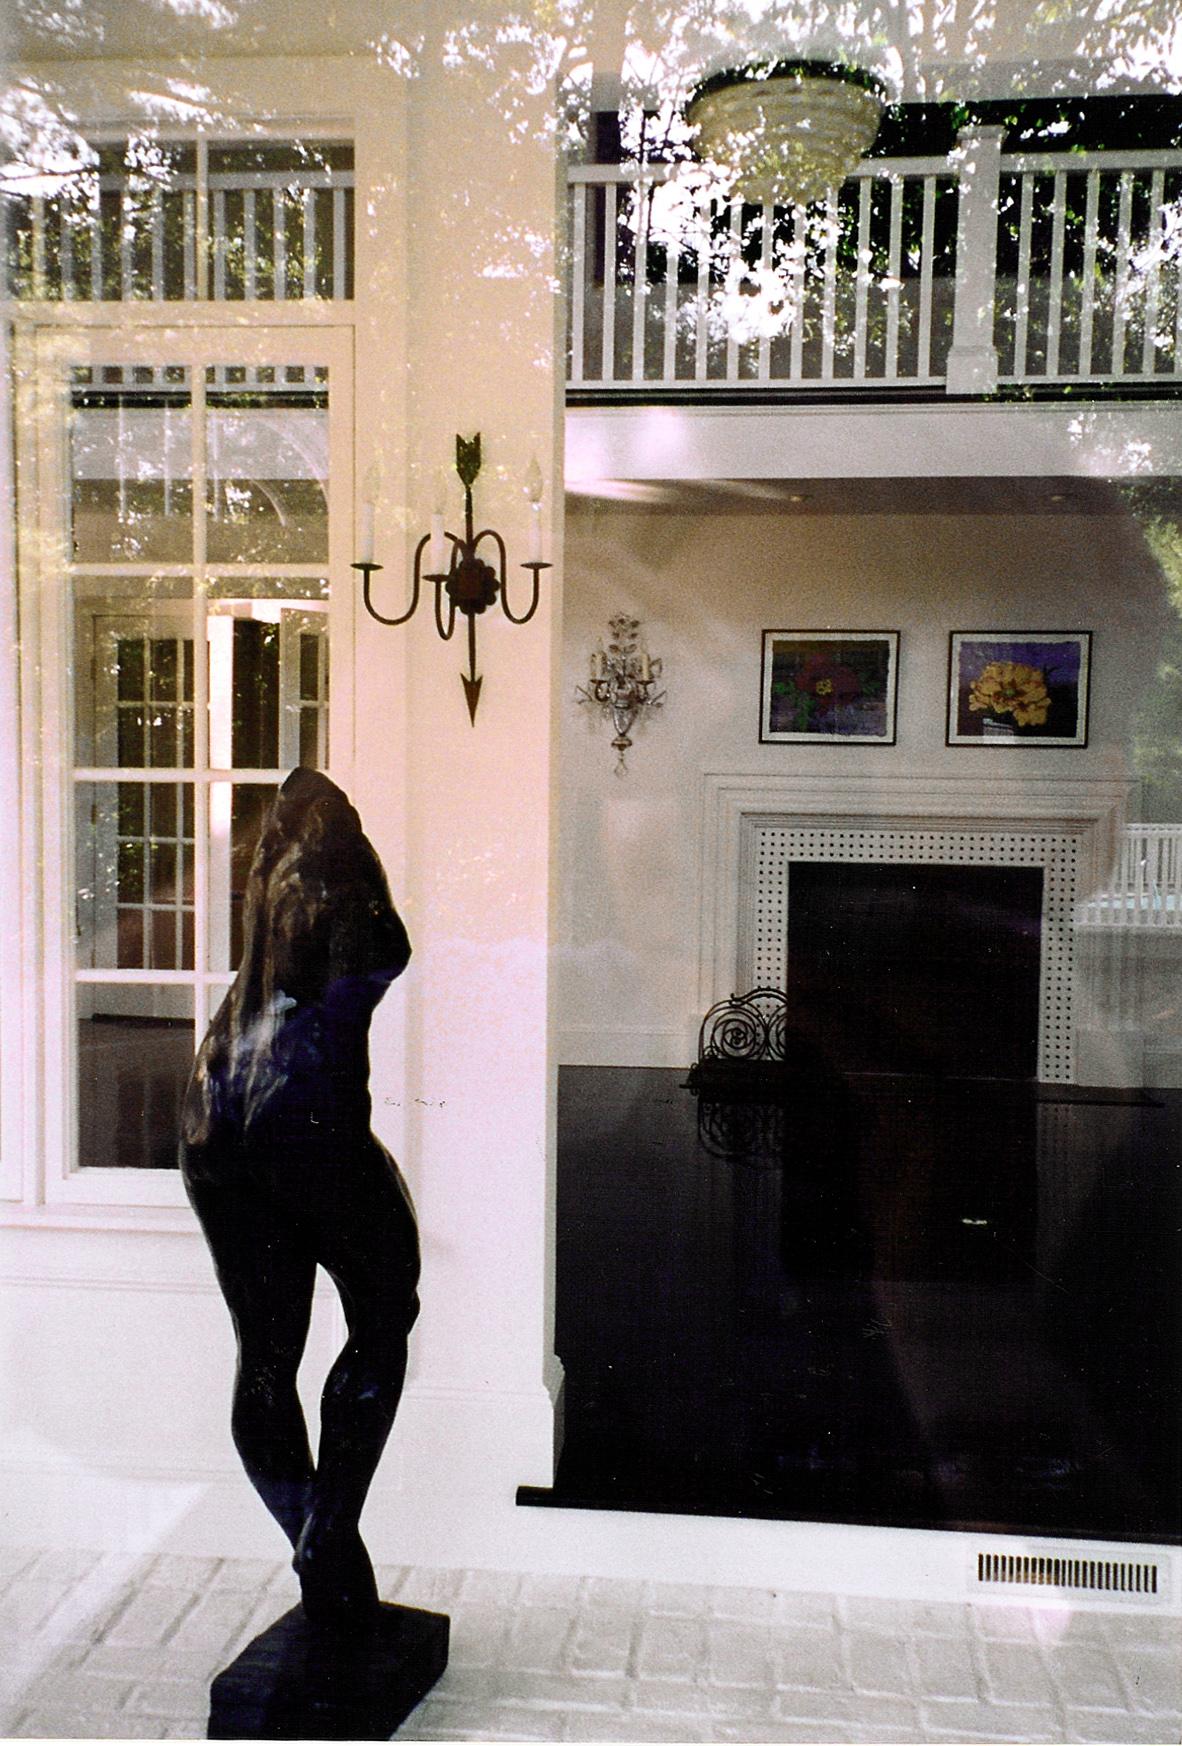 Lizan Tops Residence, East Hampton, NY